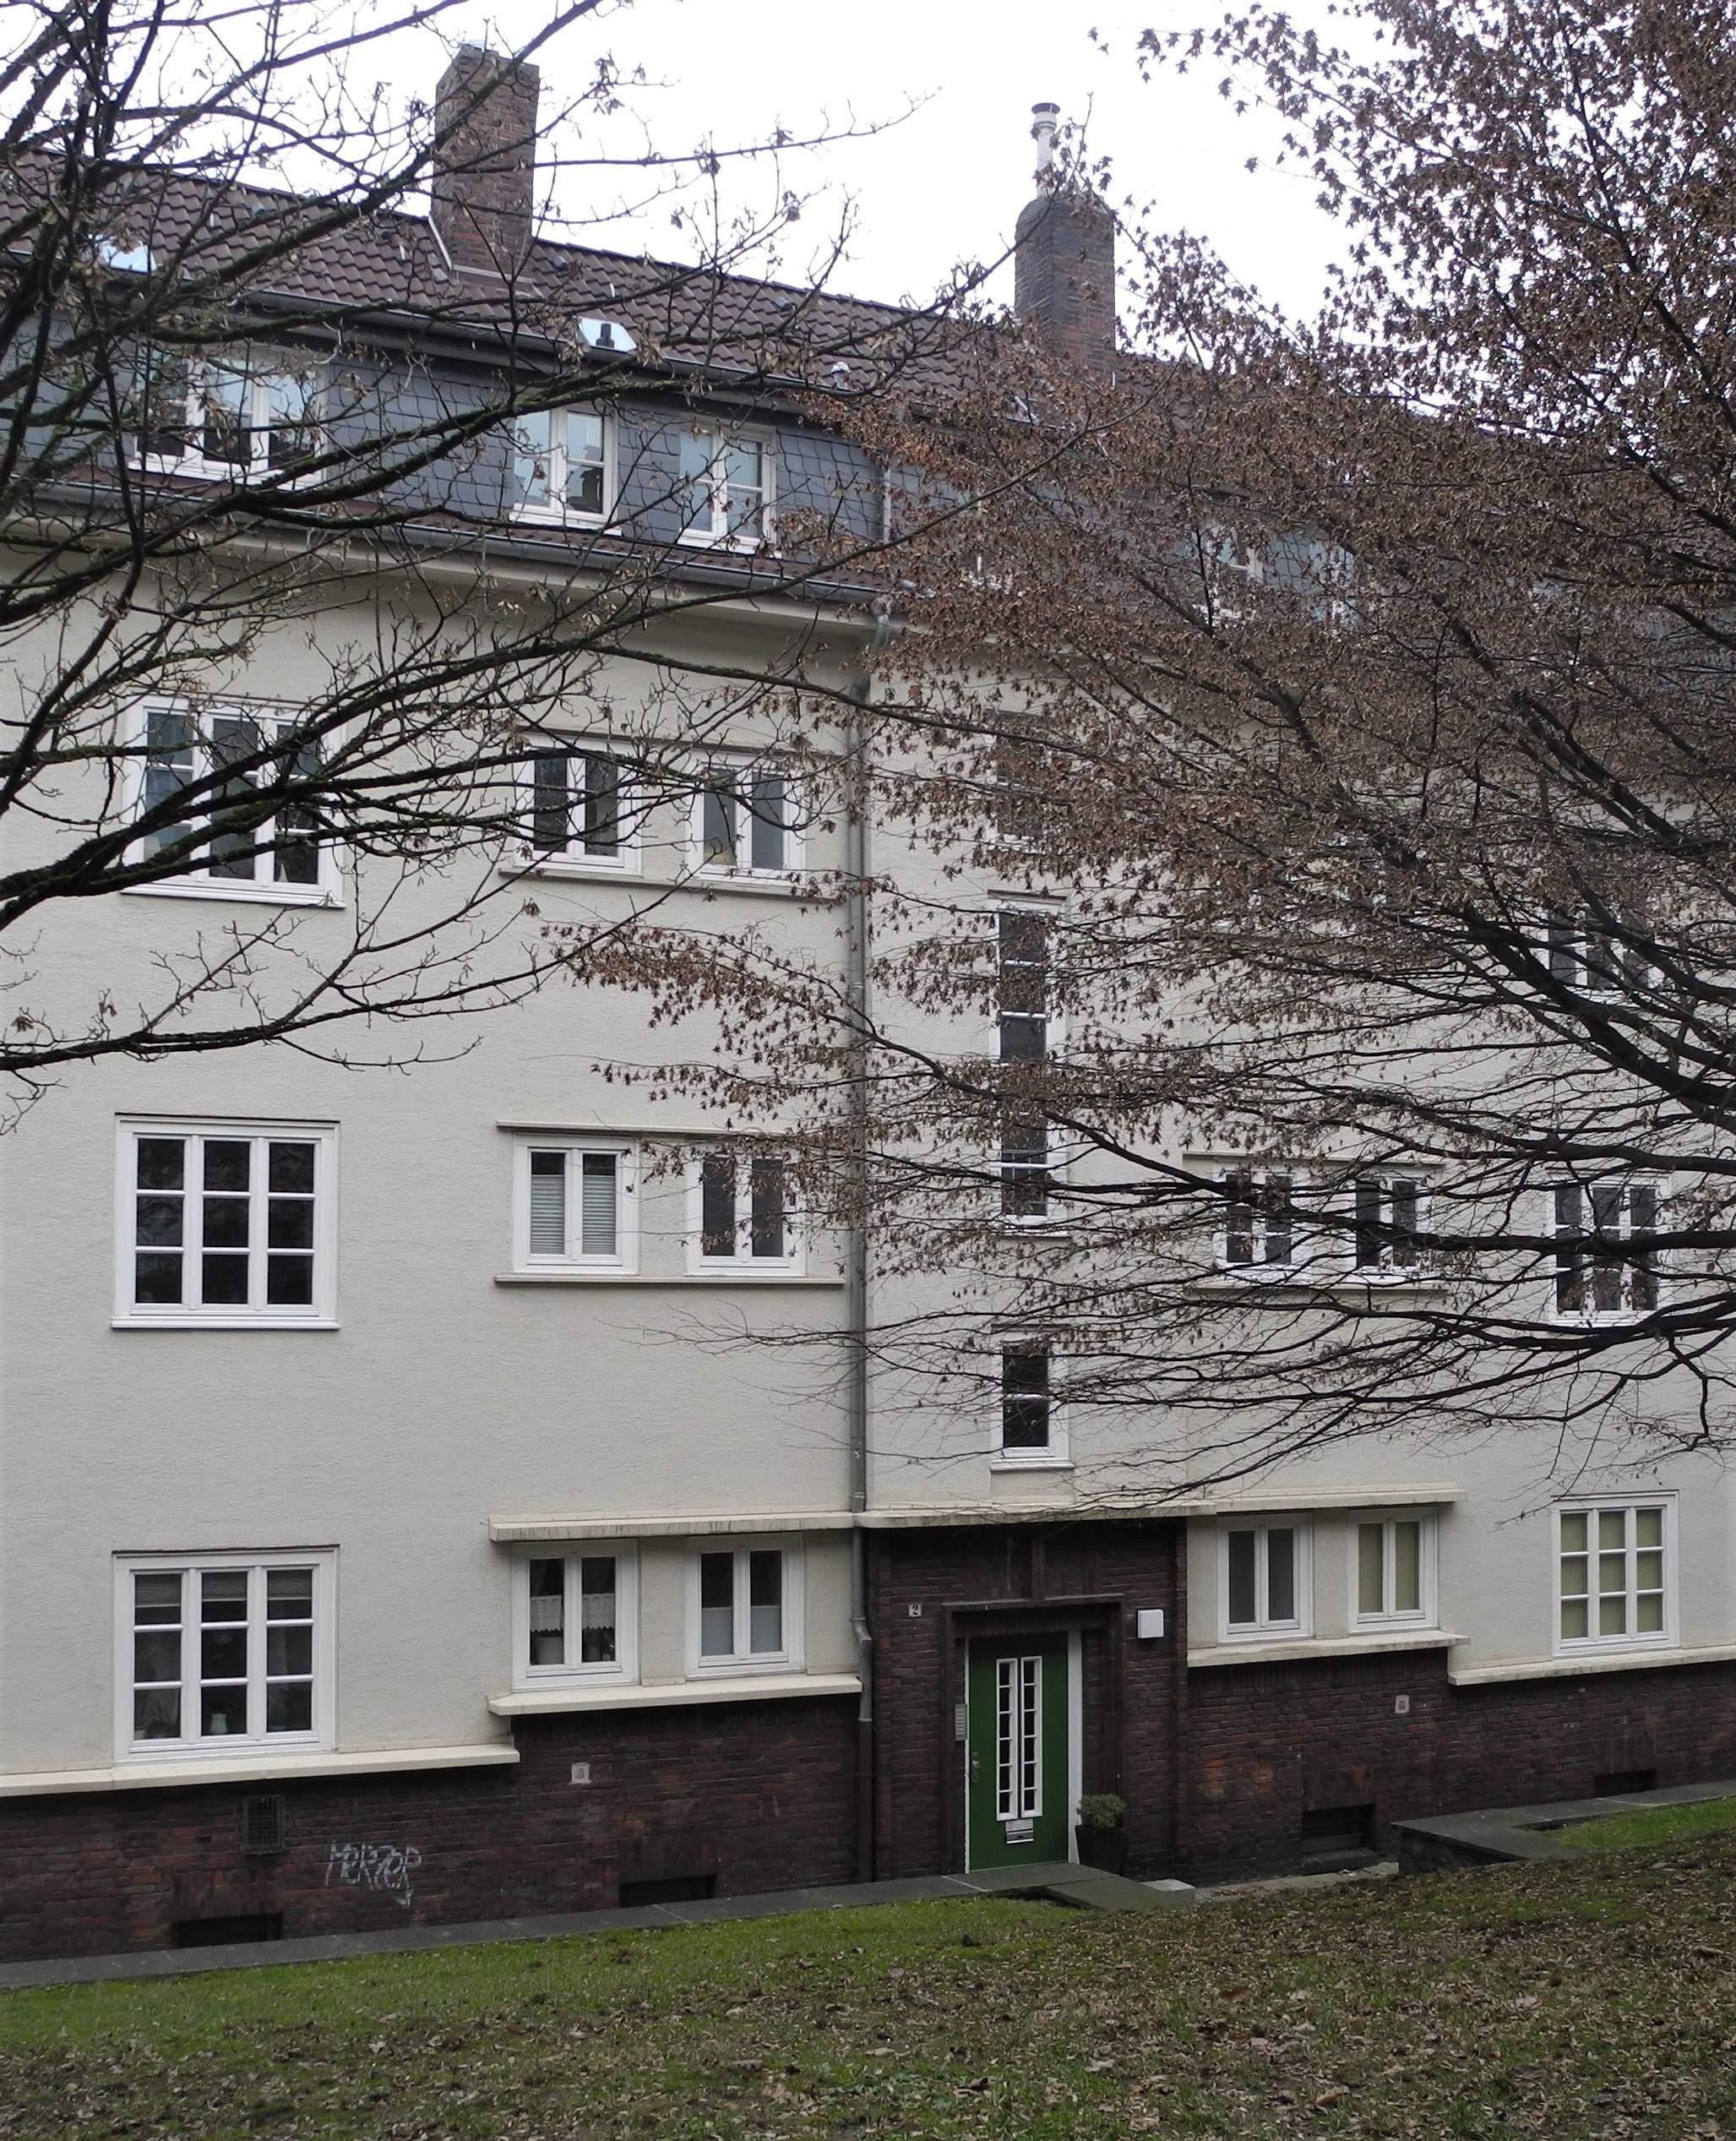 Botanischer Garten Wuppertal Luxus Datei Wuppertal Im Springen 2 –